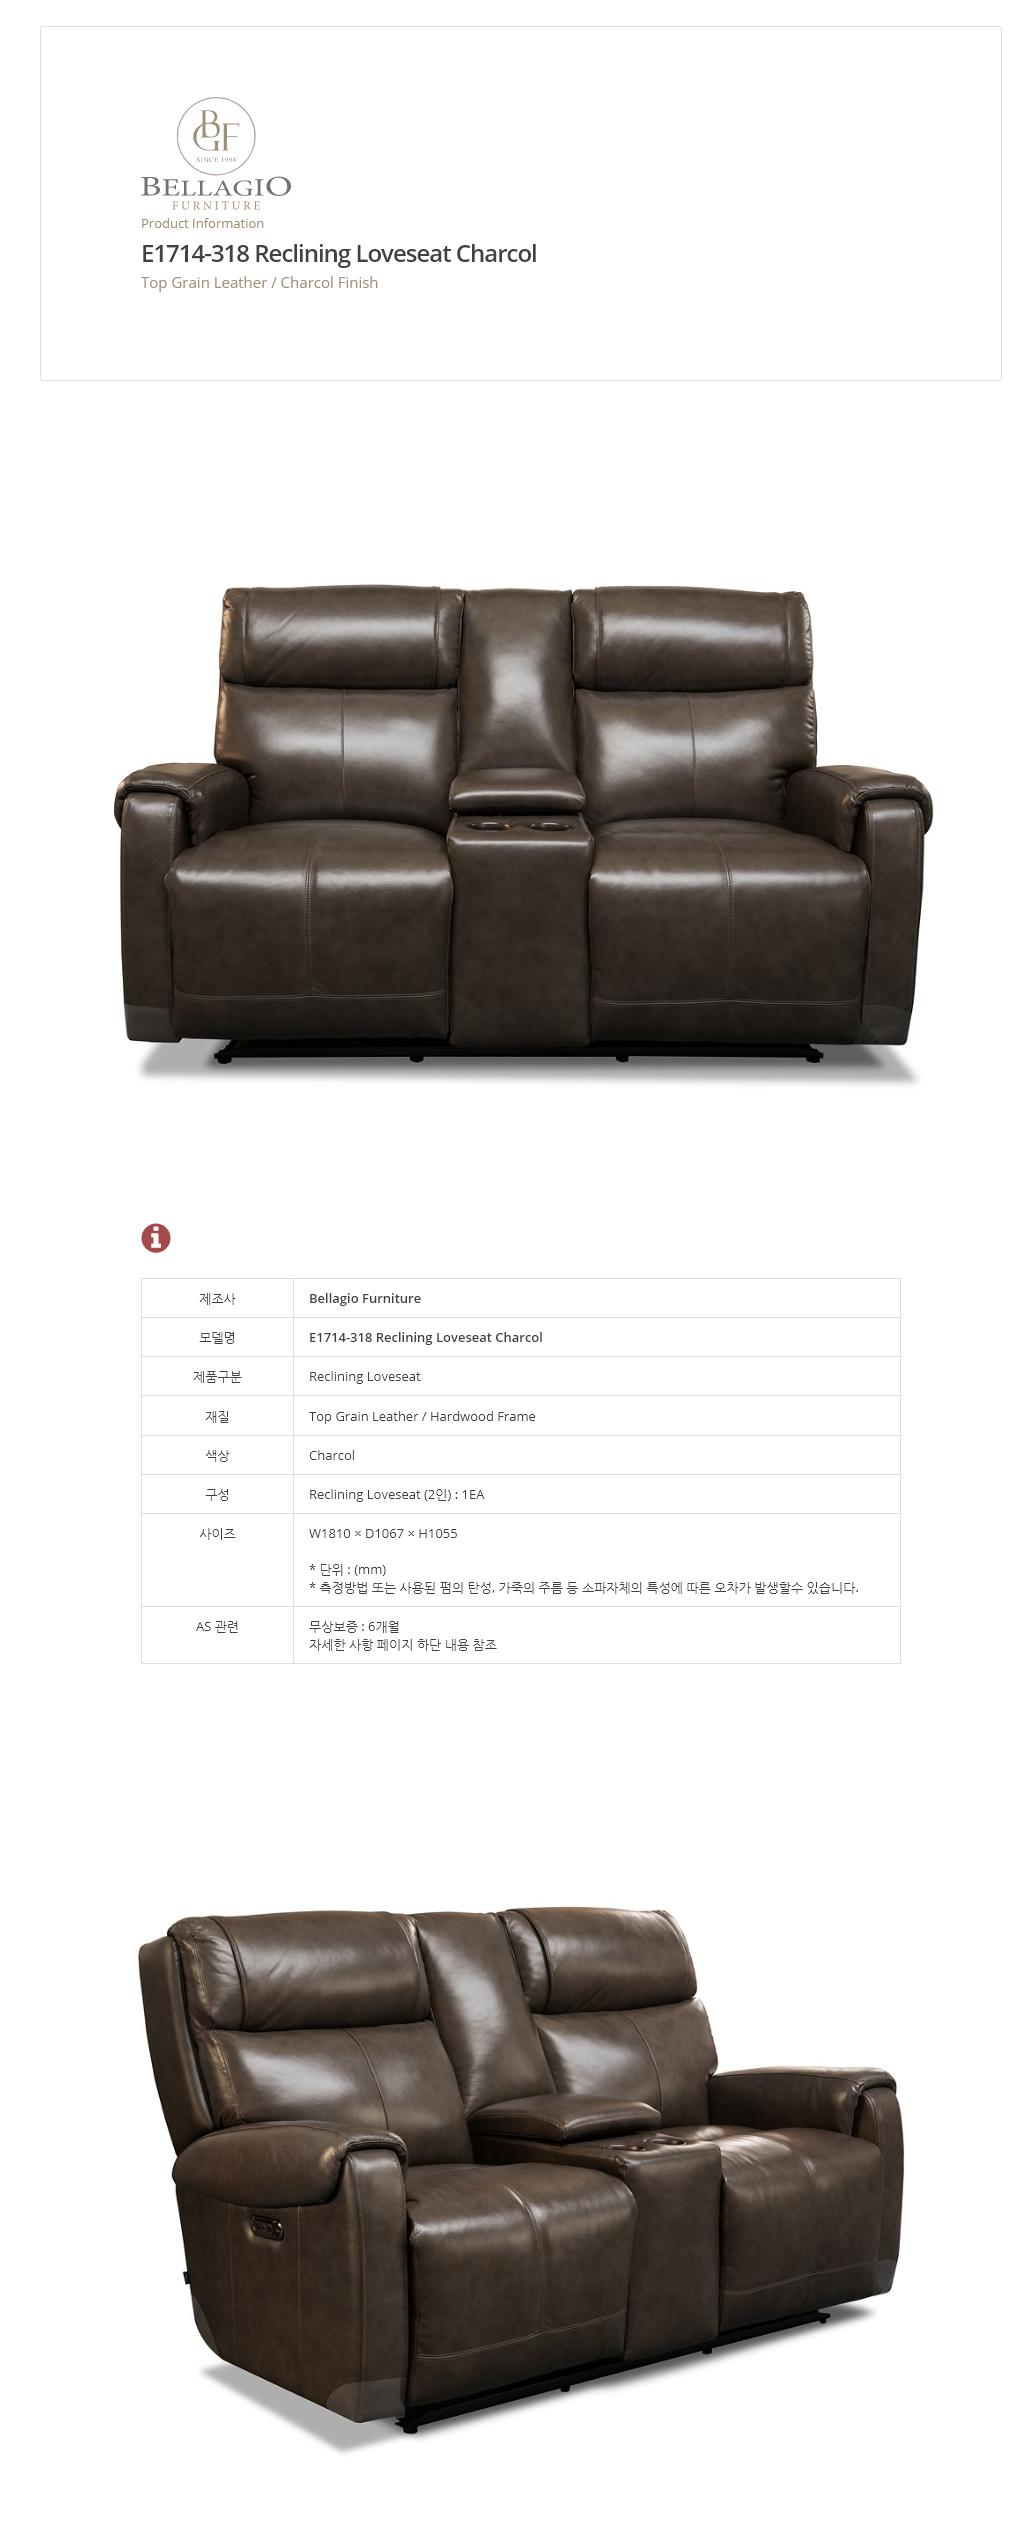 e1714_318_reclining_charcol_01.jpg